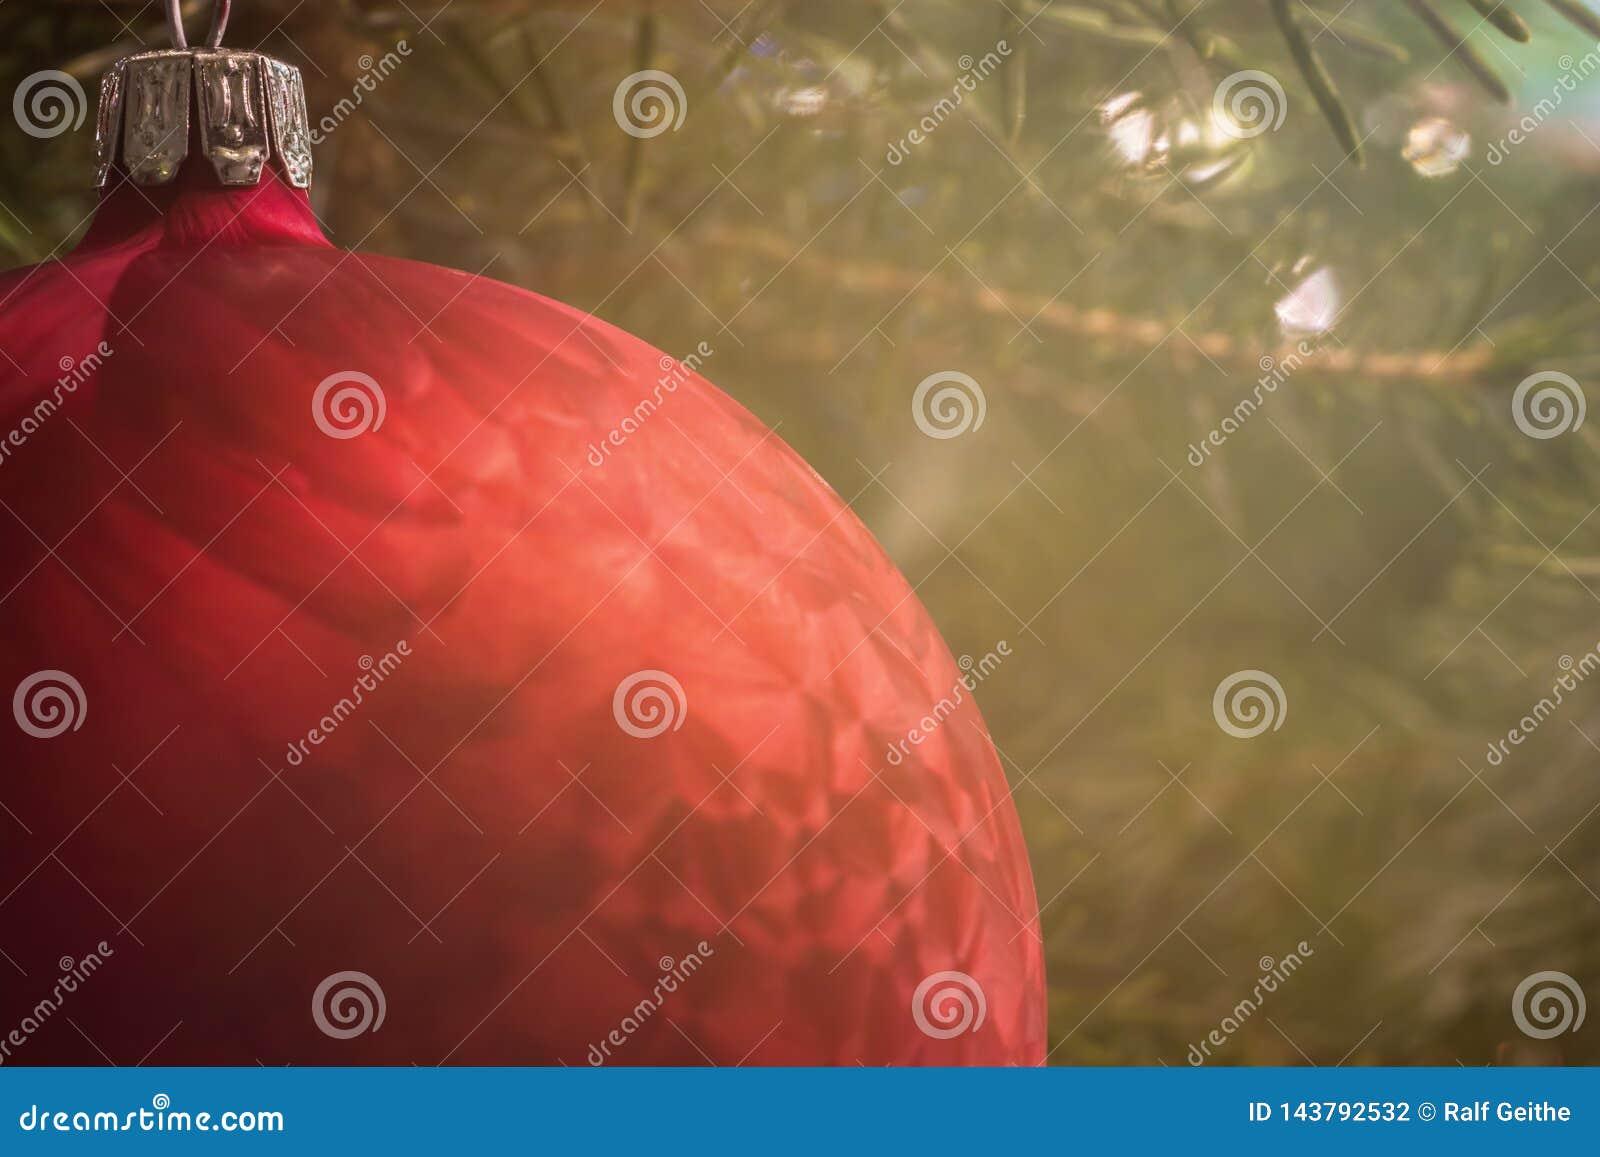 Fondo de la Navidad con una chuchería roja y el árbol de navidad detrás de él